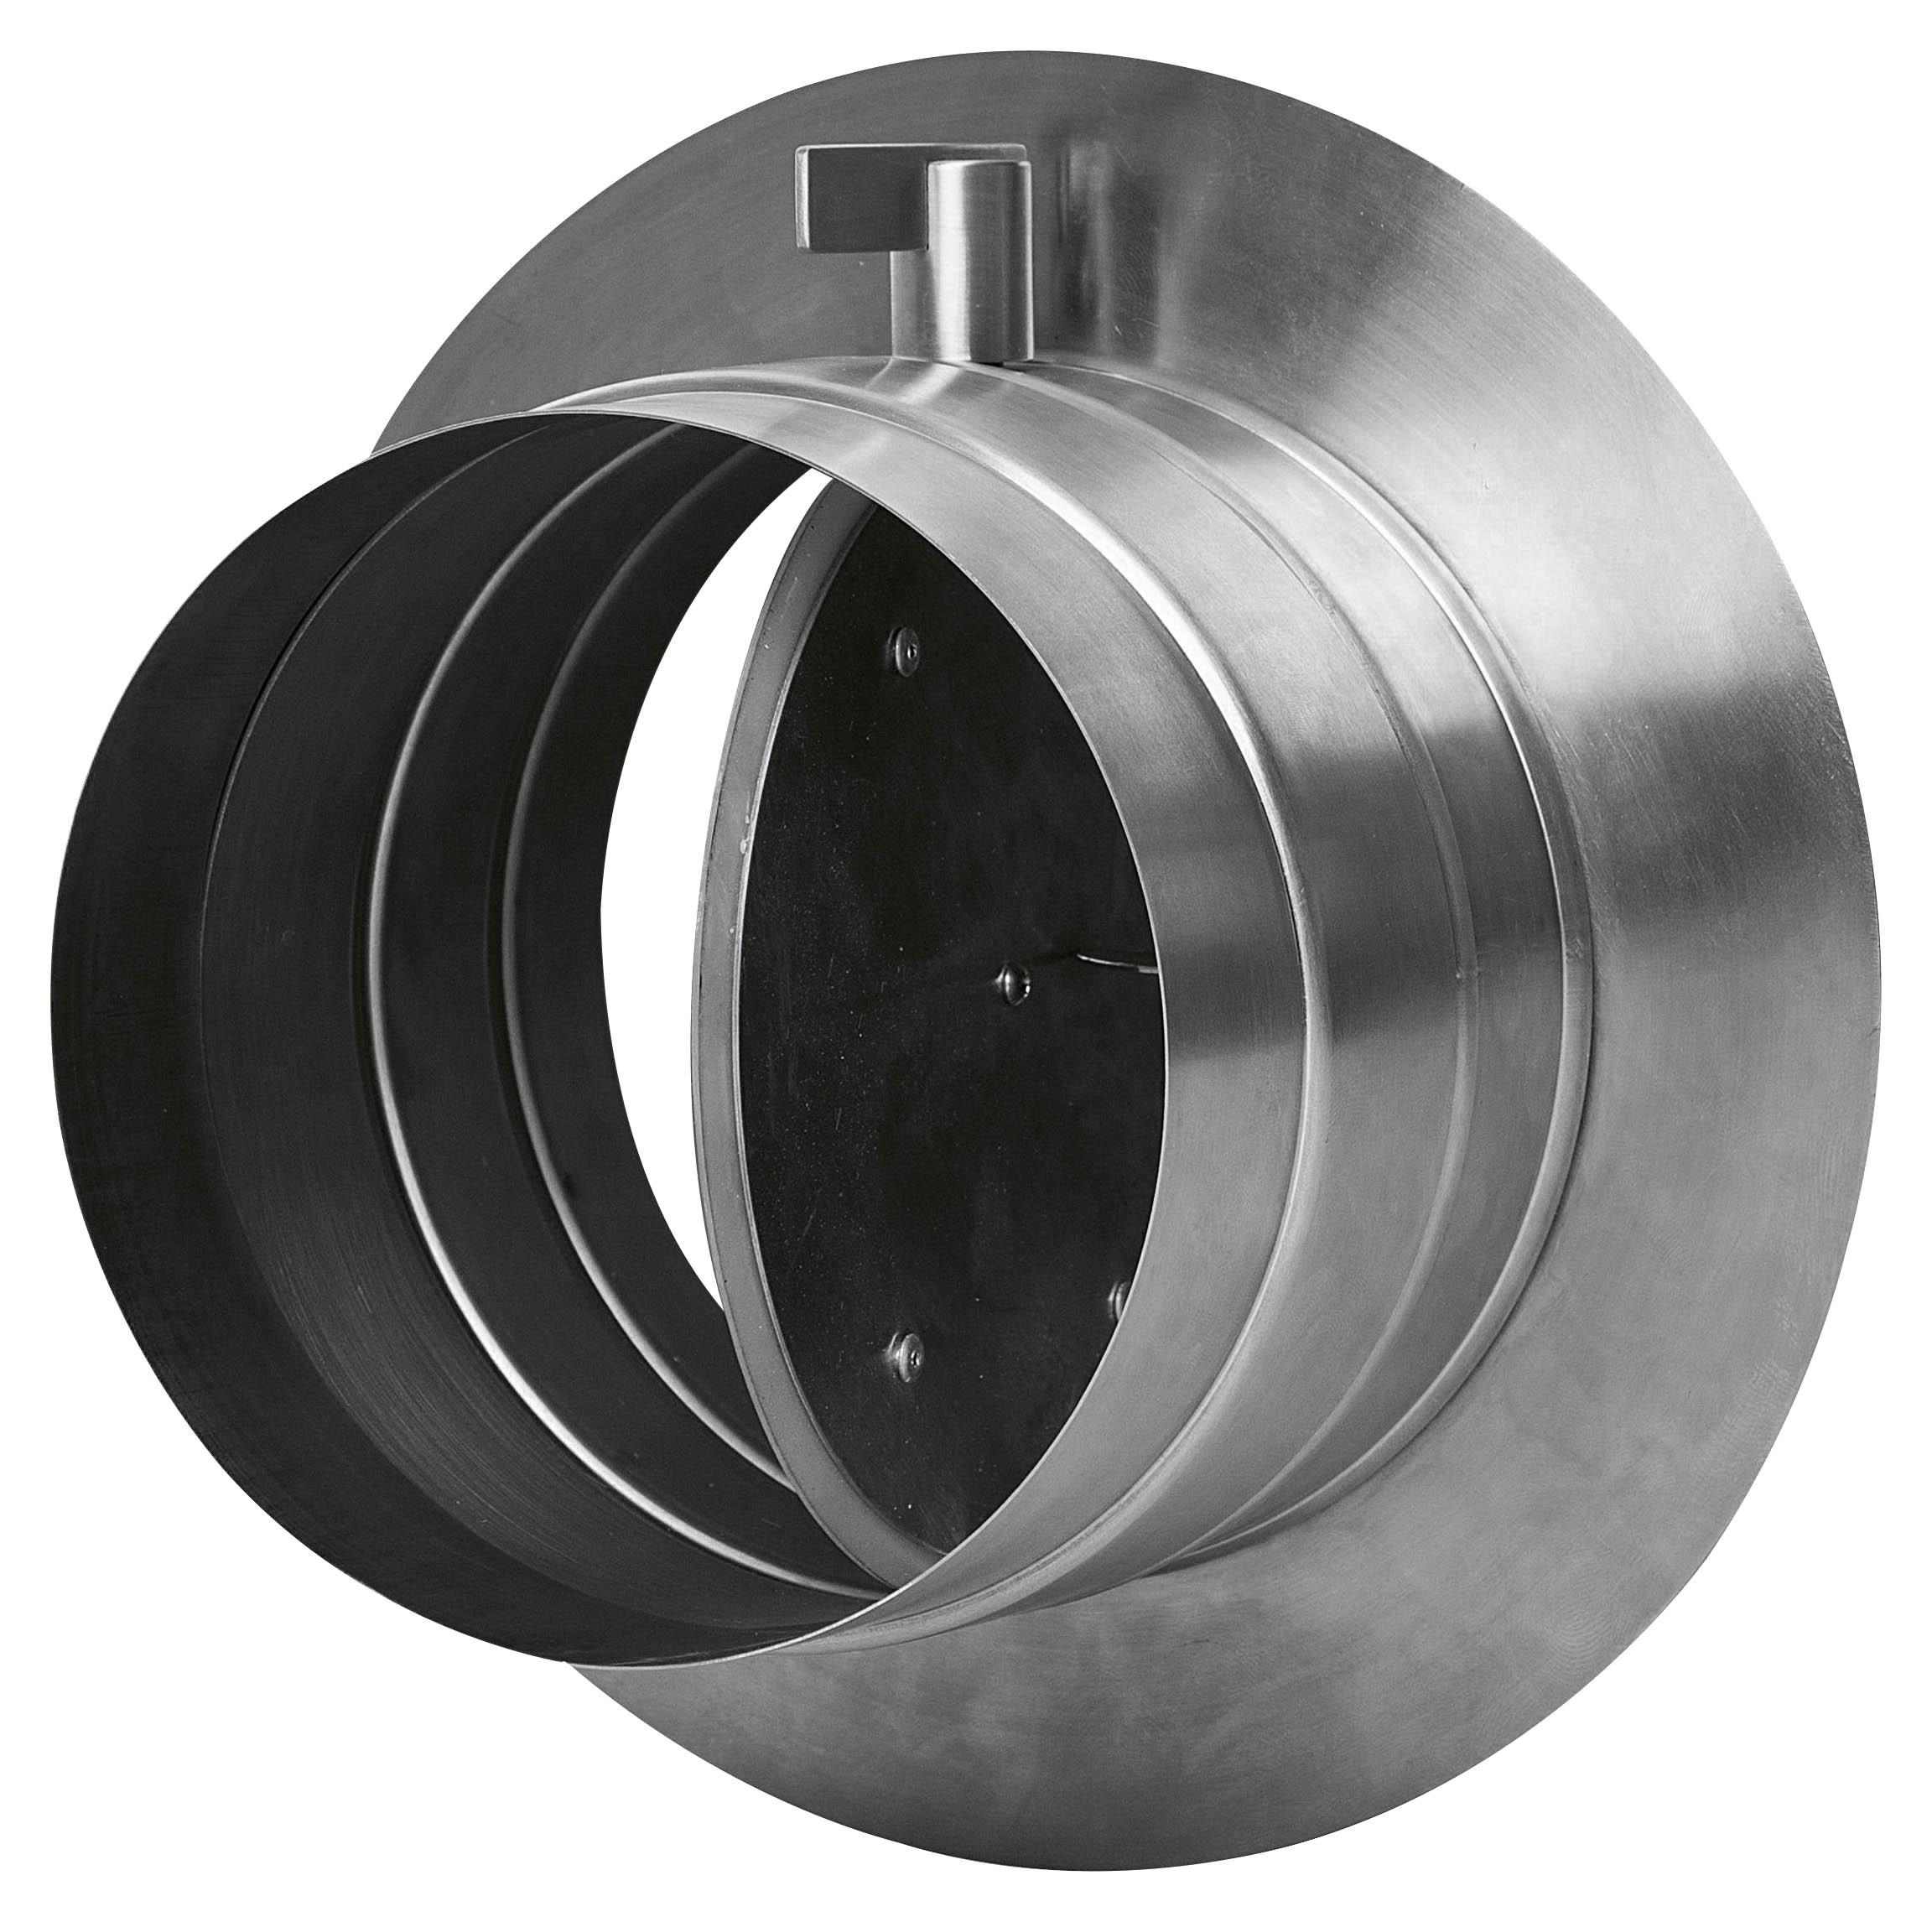 Oranier Durchführung Kamin externe Luftzufuhr mit Absperrklappe Bild 1